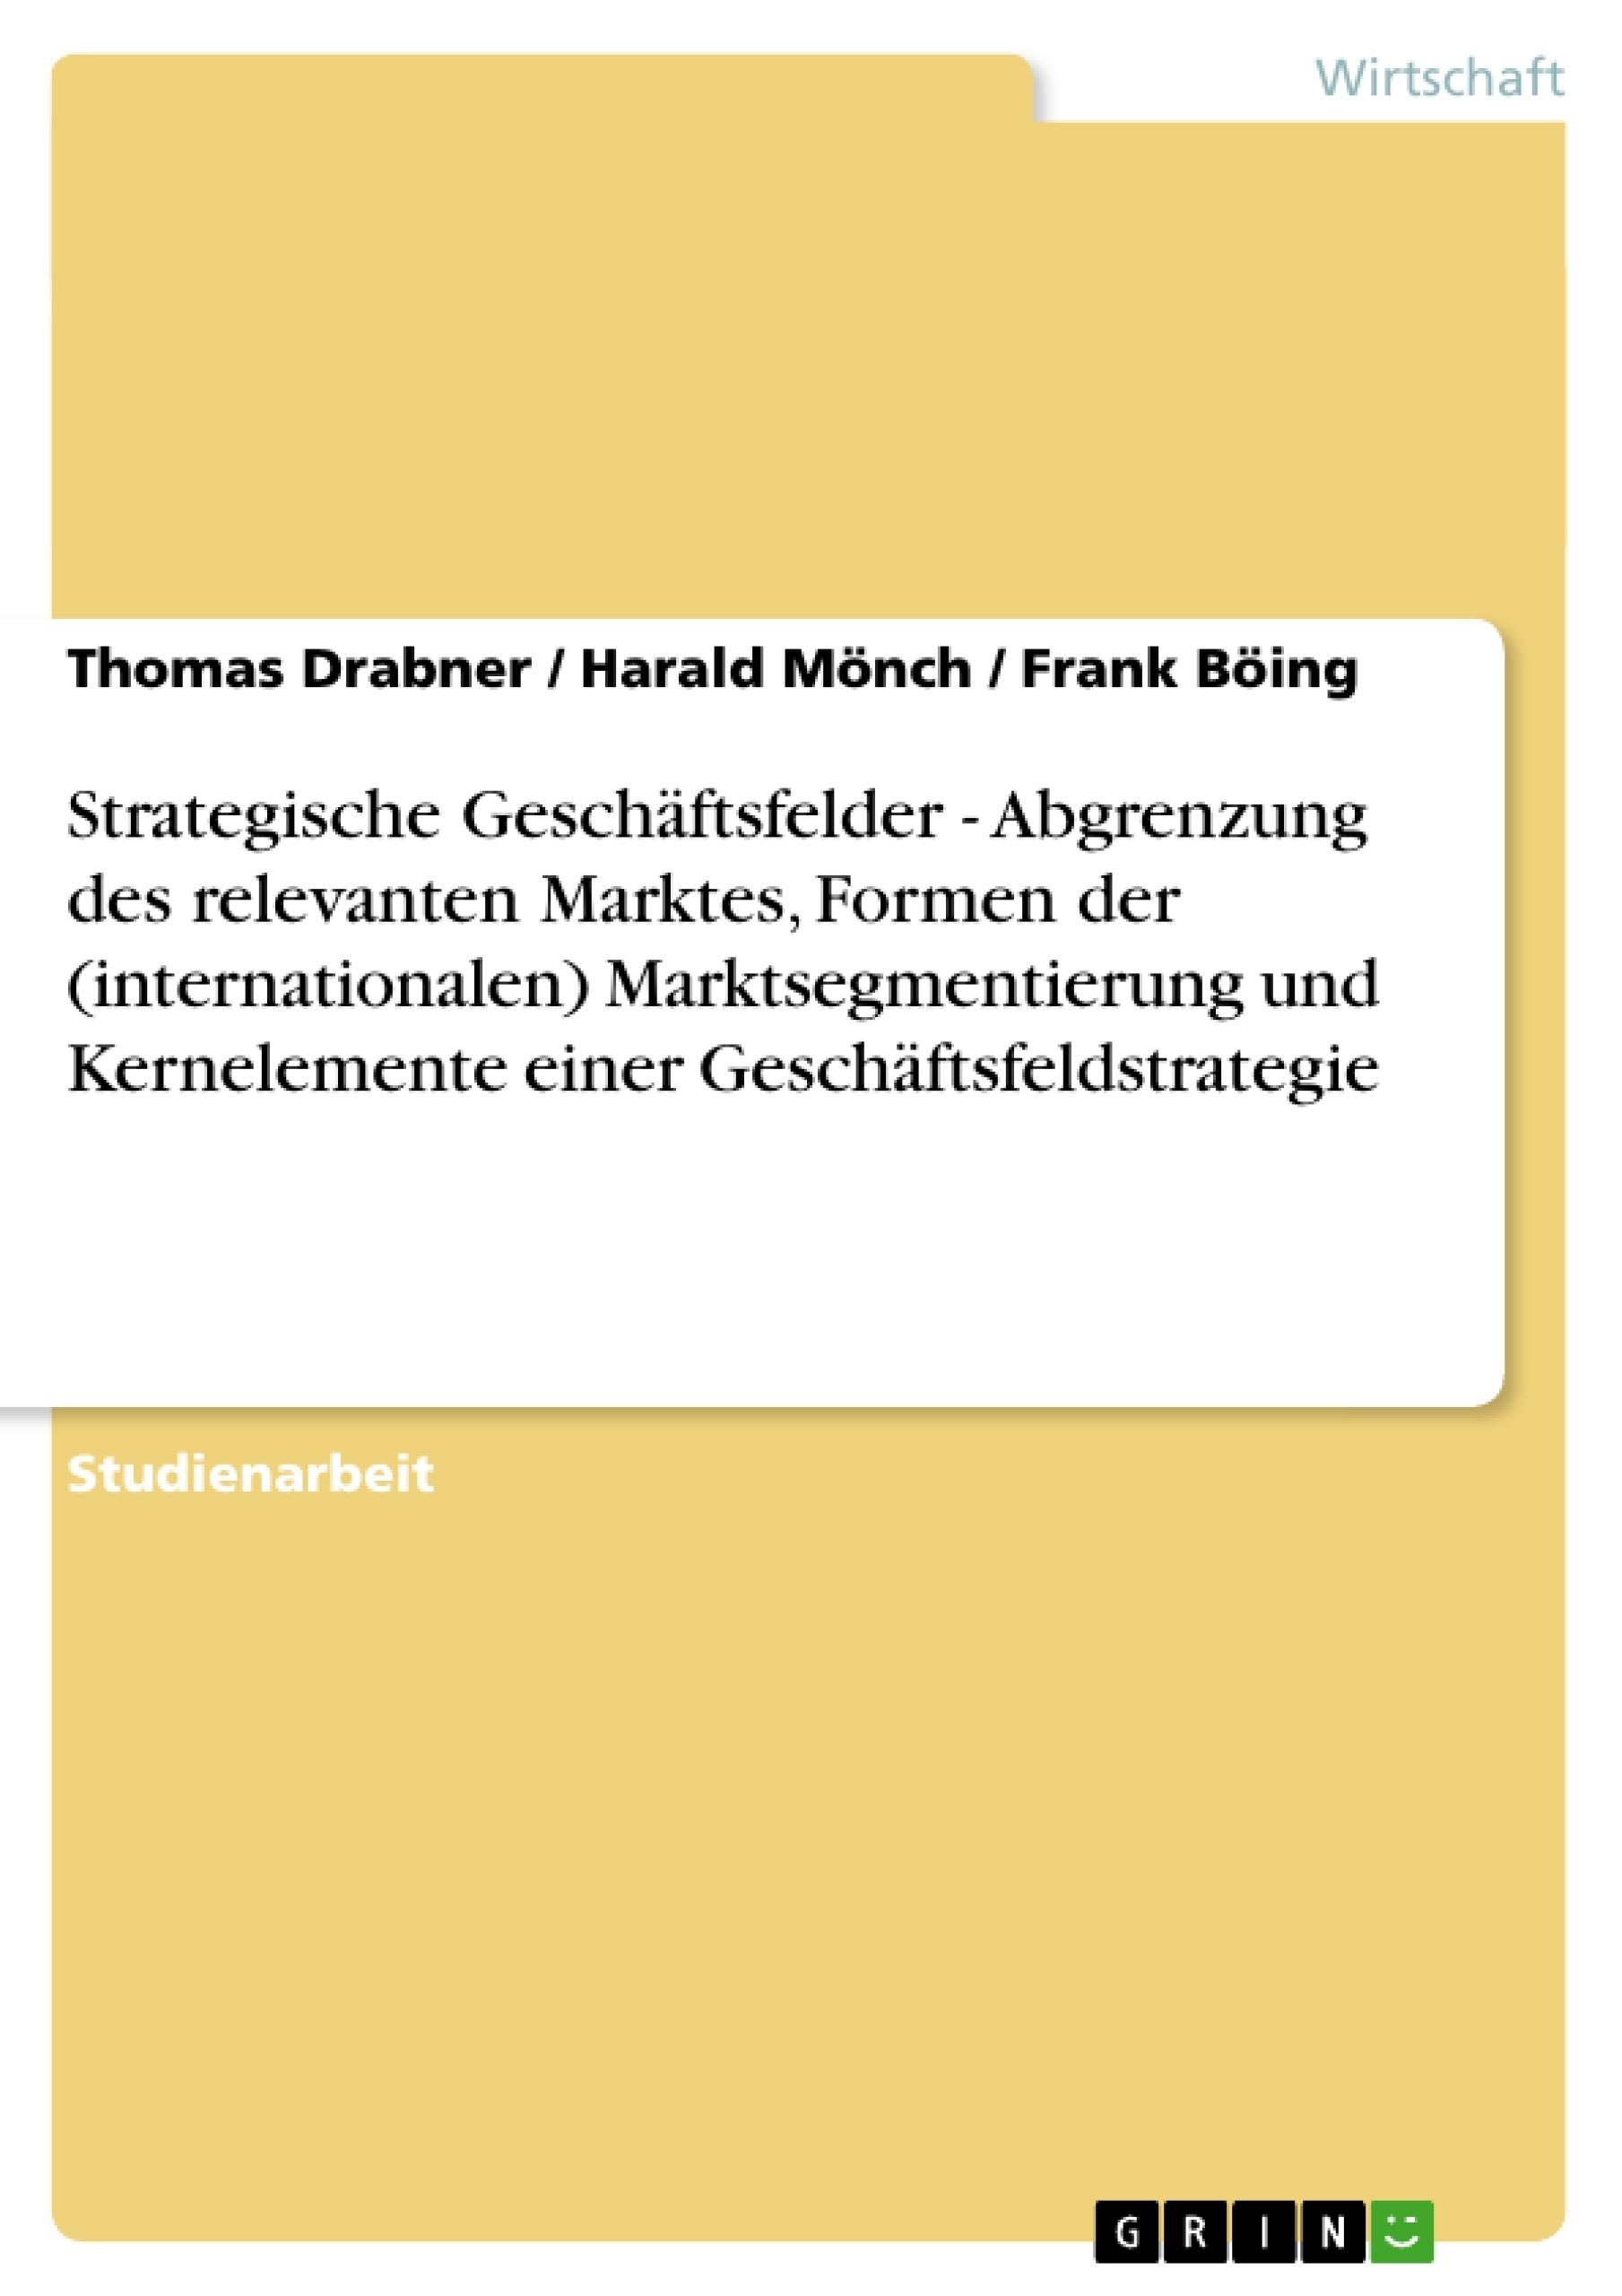 Titel: Strategische Geschäftsfelder - Abgrenzung des relevanten Marktes, Formen der (internationalen)  Marktsegmentierung und Kernelemente einer Geschäftsfeldstrategie